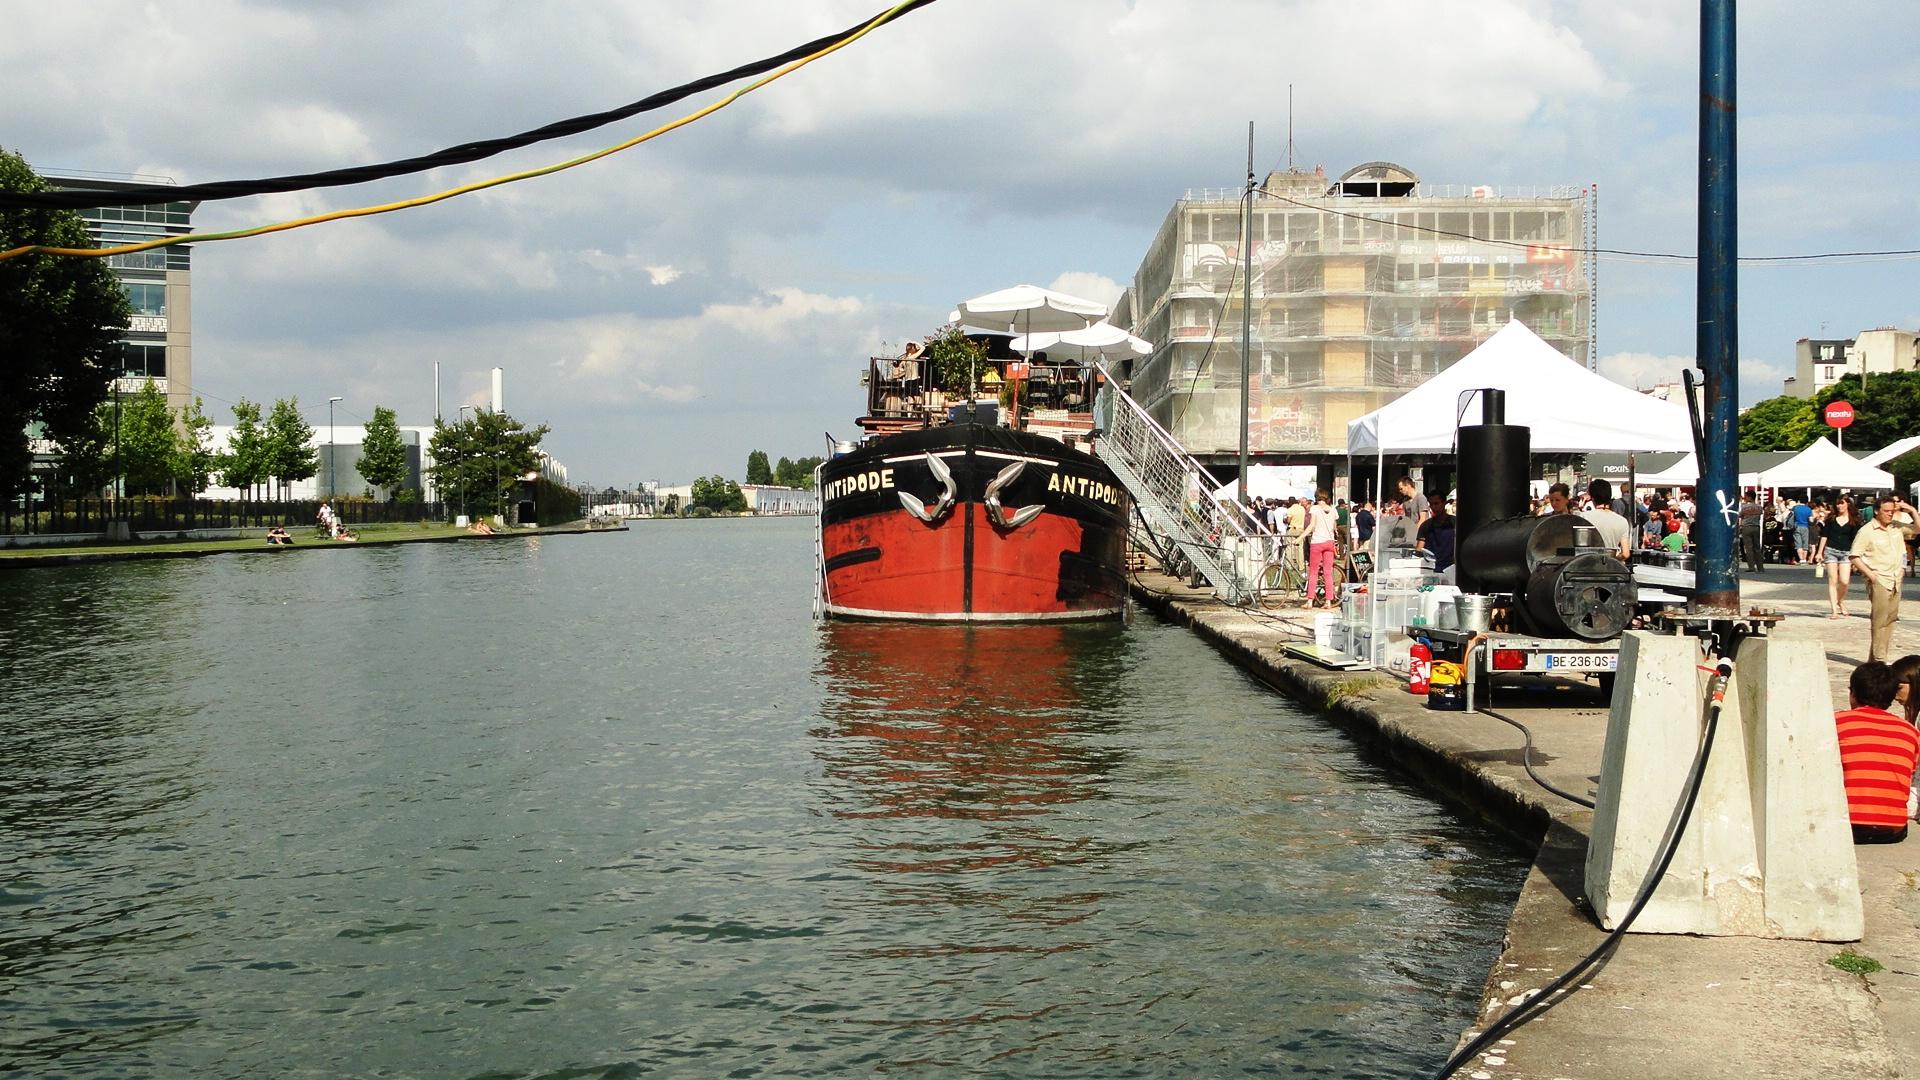 Canal de l'Ourcq - Pantin - Été du canal, bal pop'